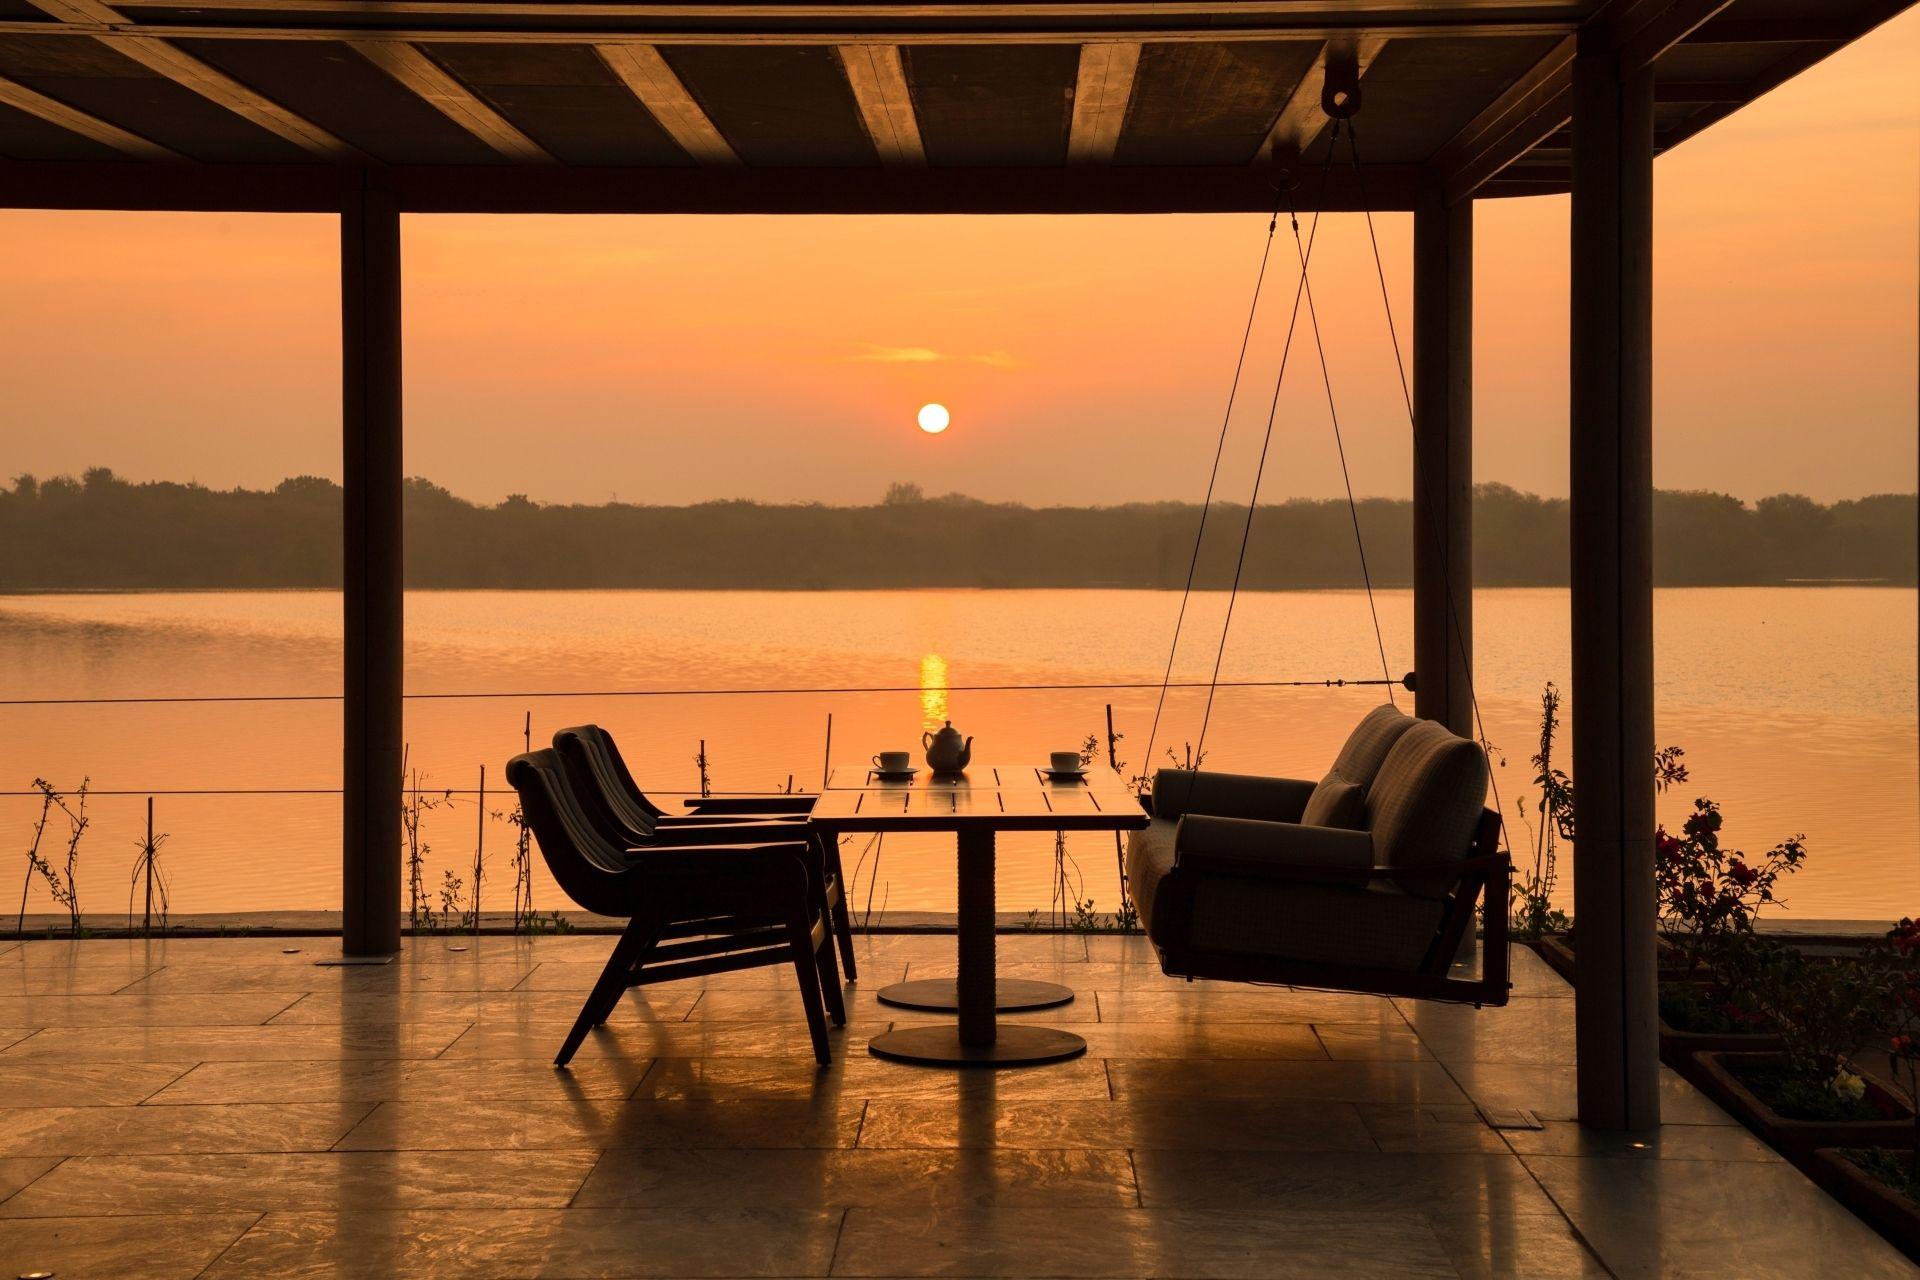 RAAS Chhatrasagar – the sun rises across Lake Chhatra Sagar